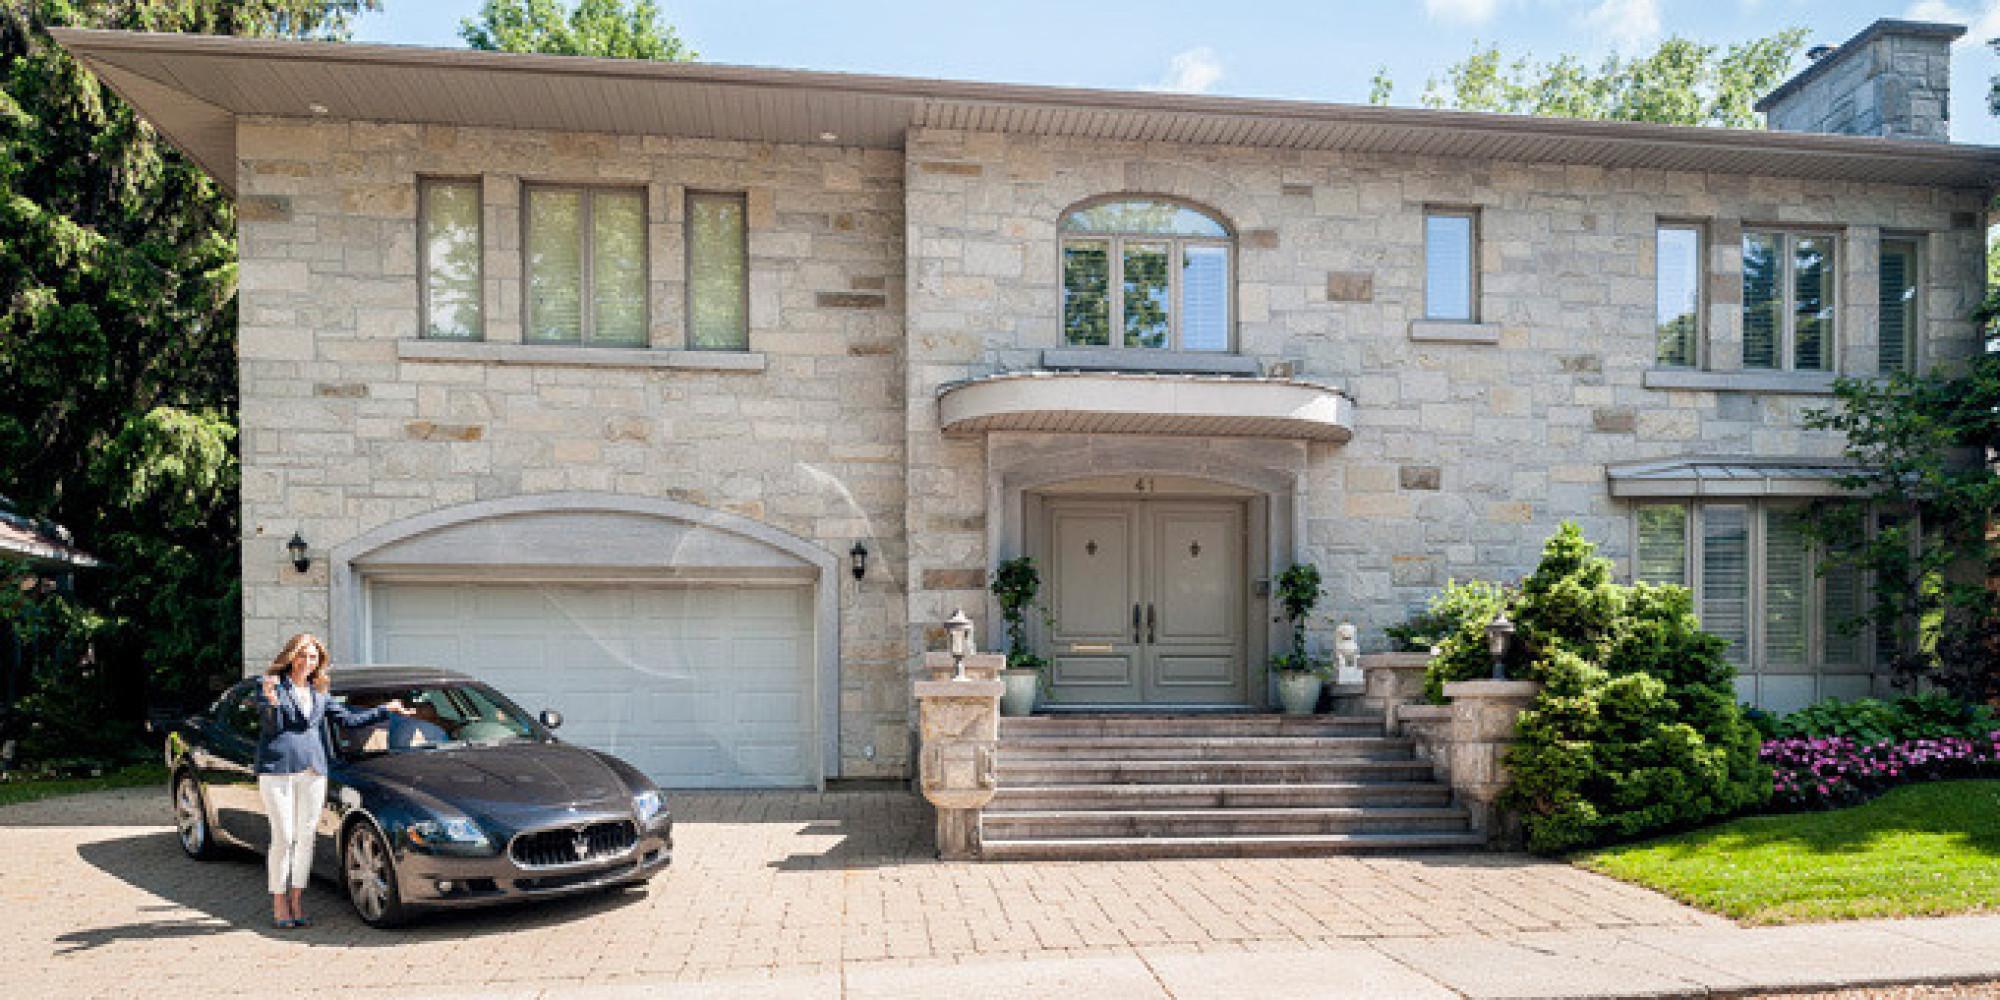 Achetez Cette Maison De Westmount Et Obtenez Une Voiture De 170 000 En Bonus Photos